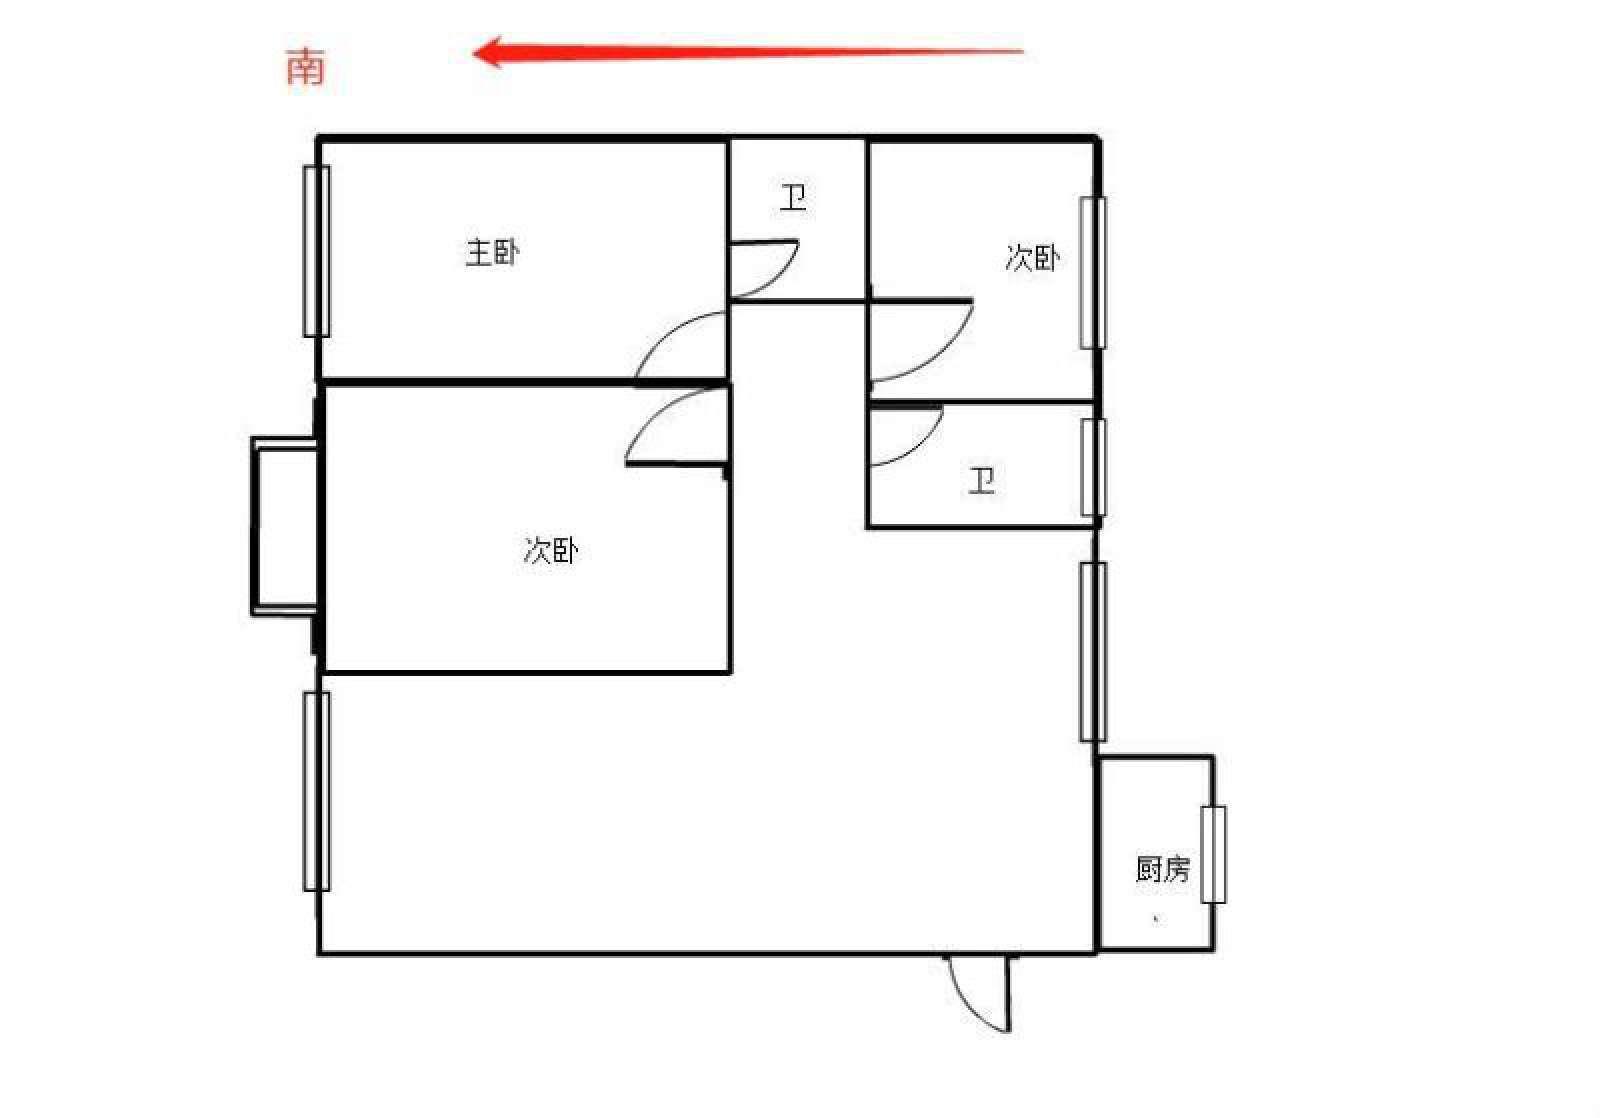 观澜盛世 3室2厅141.24㎡